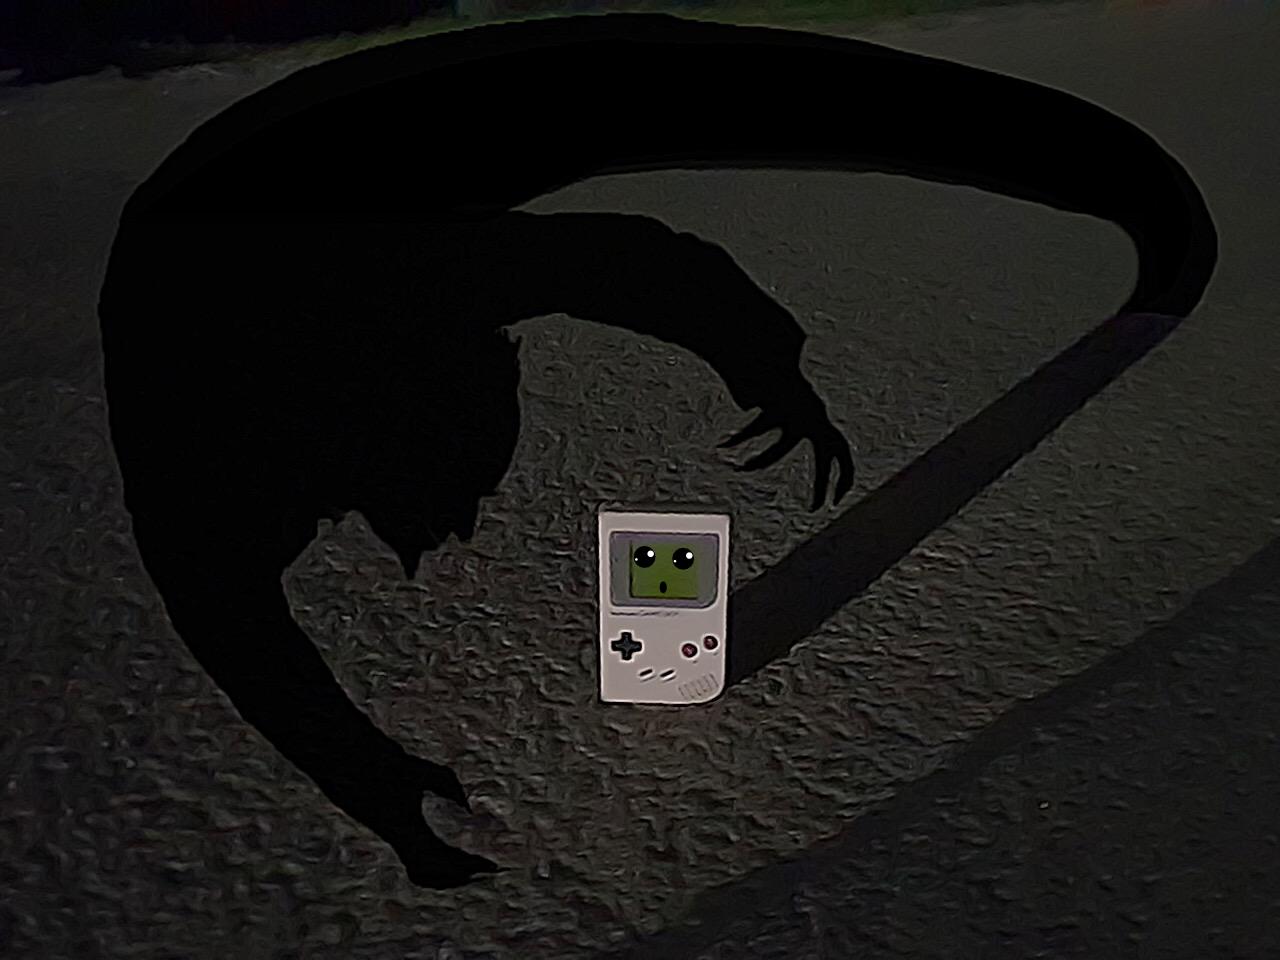 Game Boy am Friedhof bei Nacht, von Dämonen verfolgt. (Bild: Leopold Brodecky)